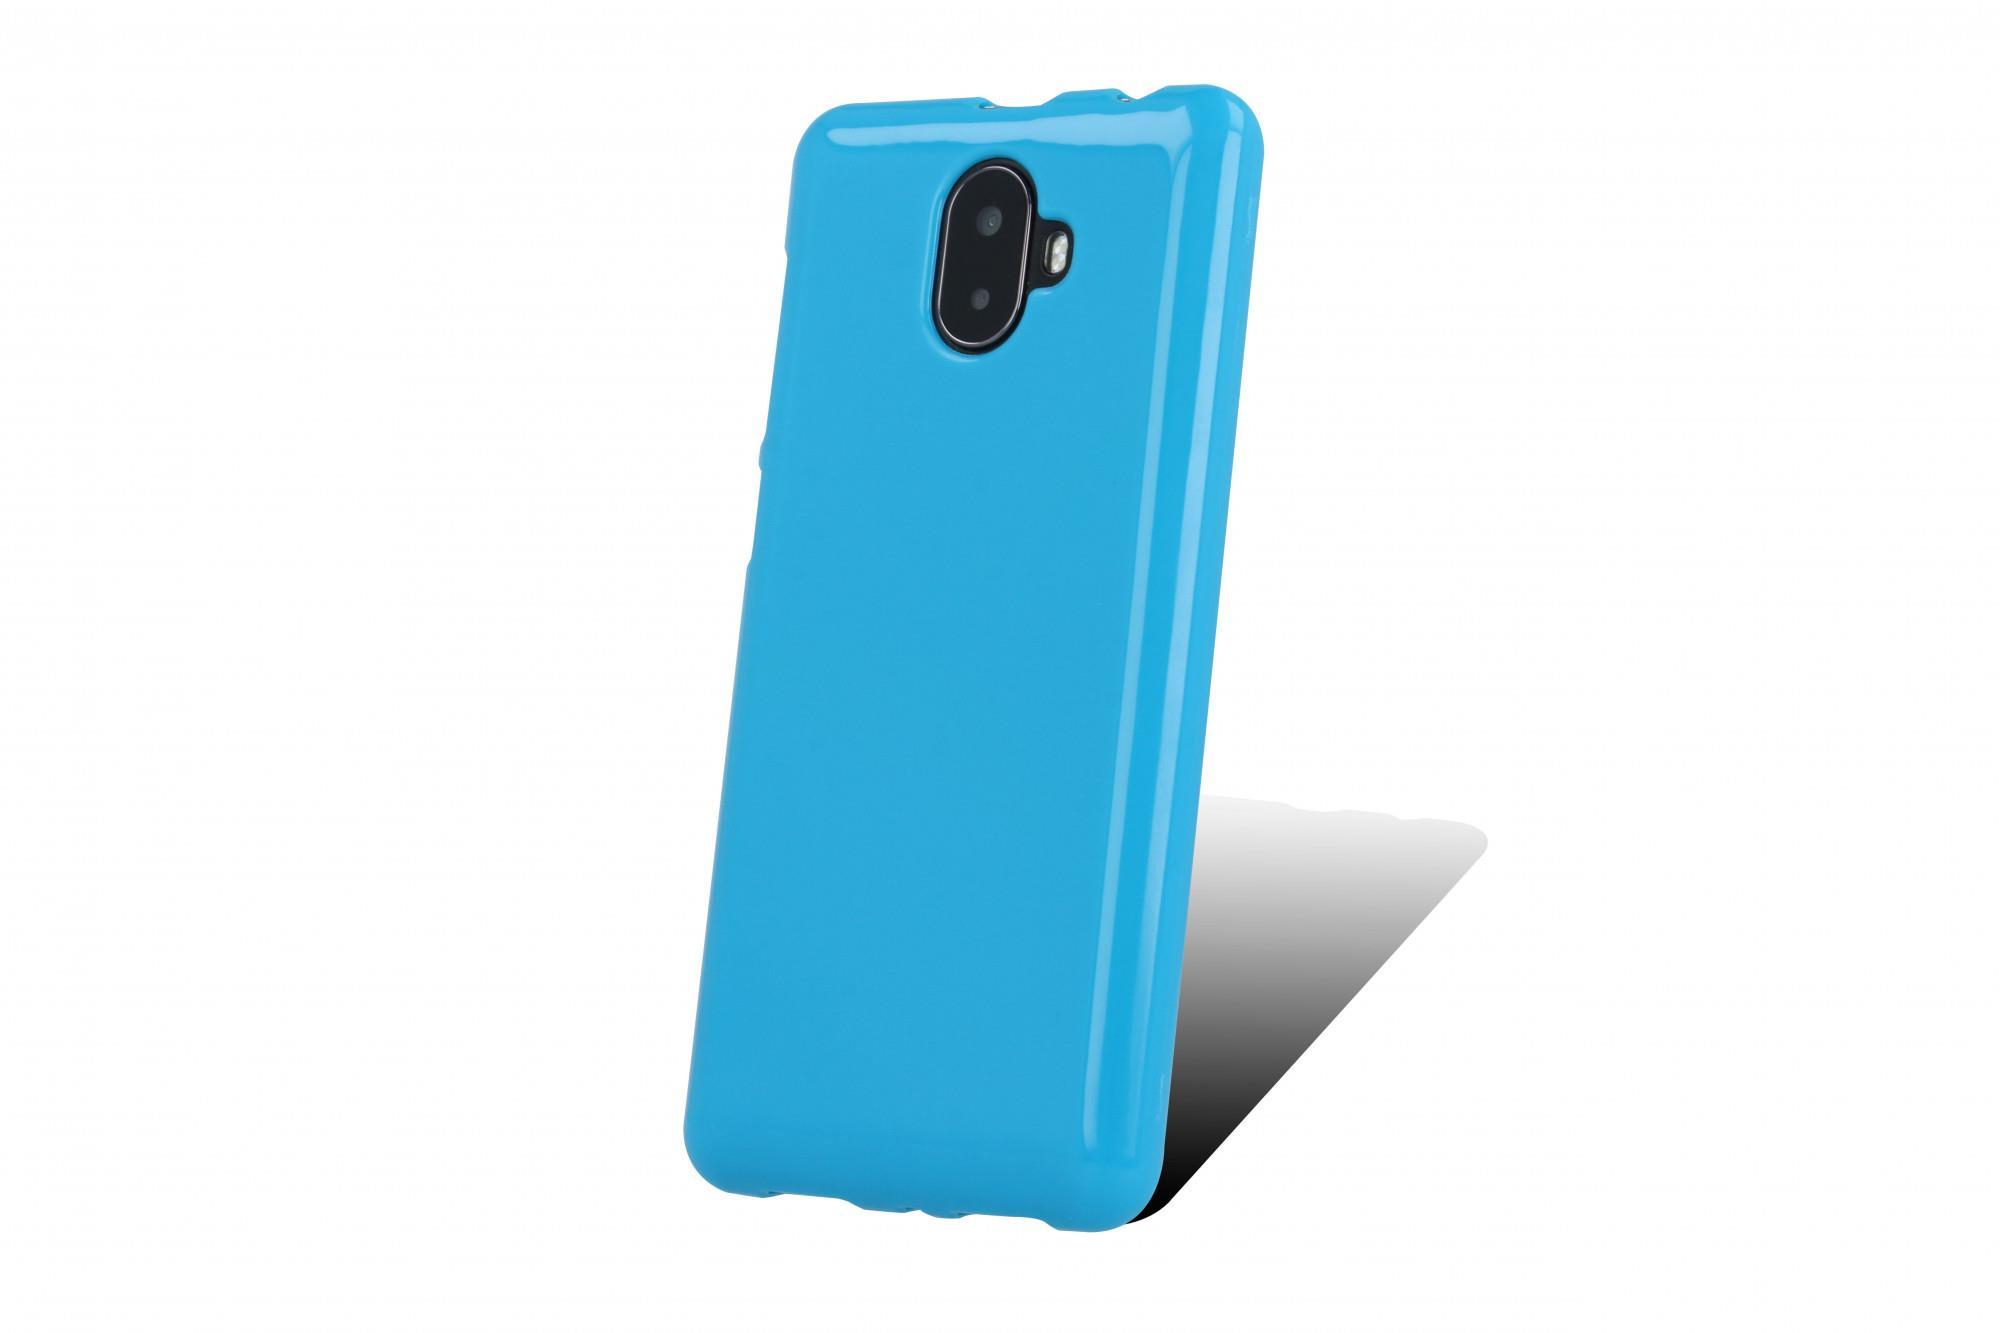 SILIKONOVÉ (TPU) POUZDRO MODRÉ PRO myPhone POCKET 18x9